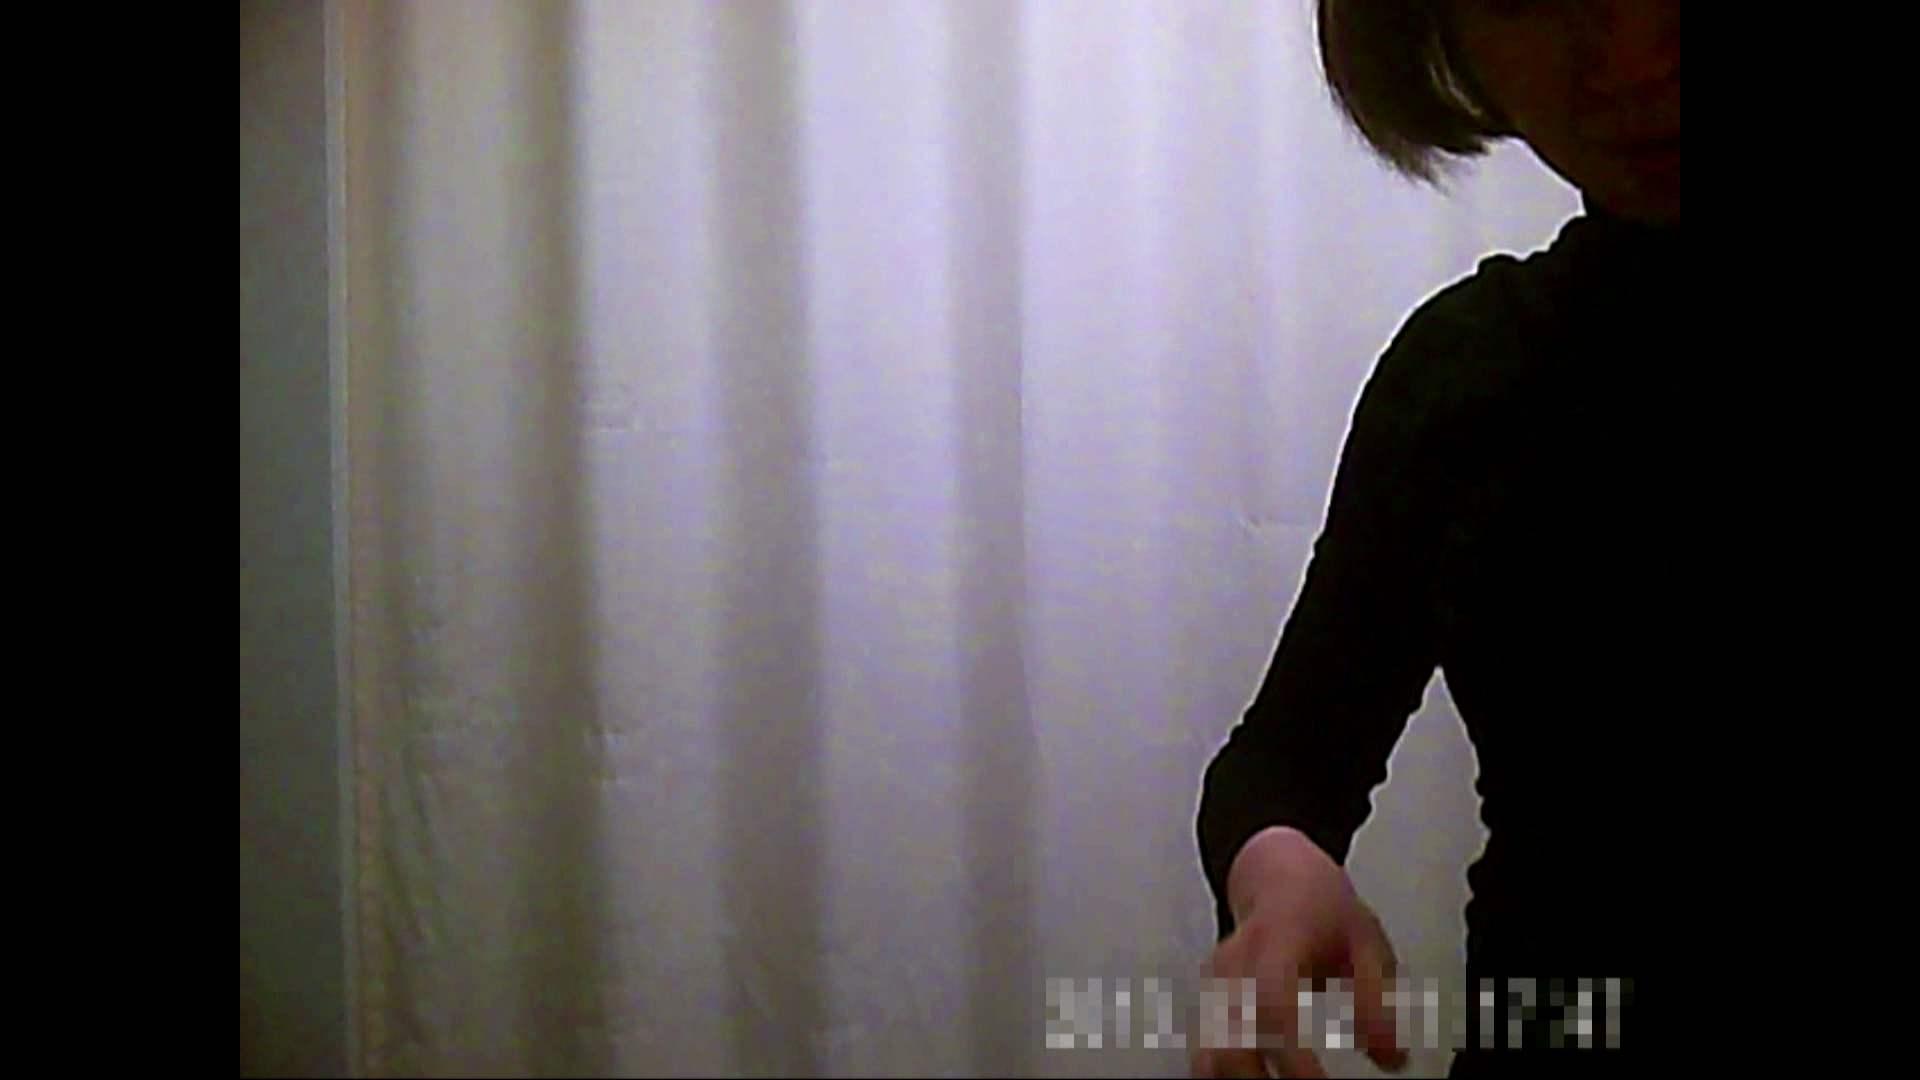 元医者による反抗 更衣室地獄絵巻 vol.098 OL | 0  98連発